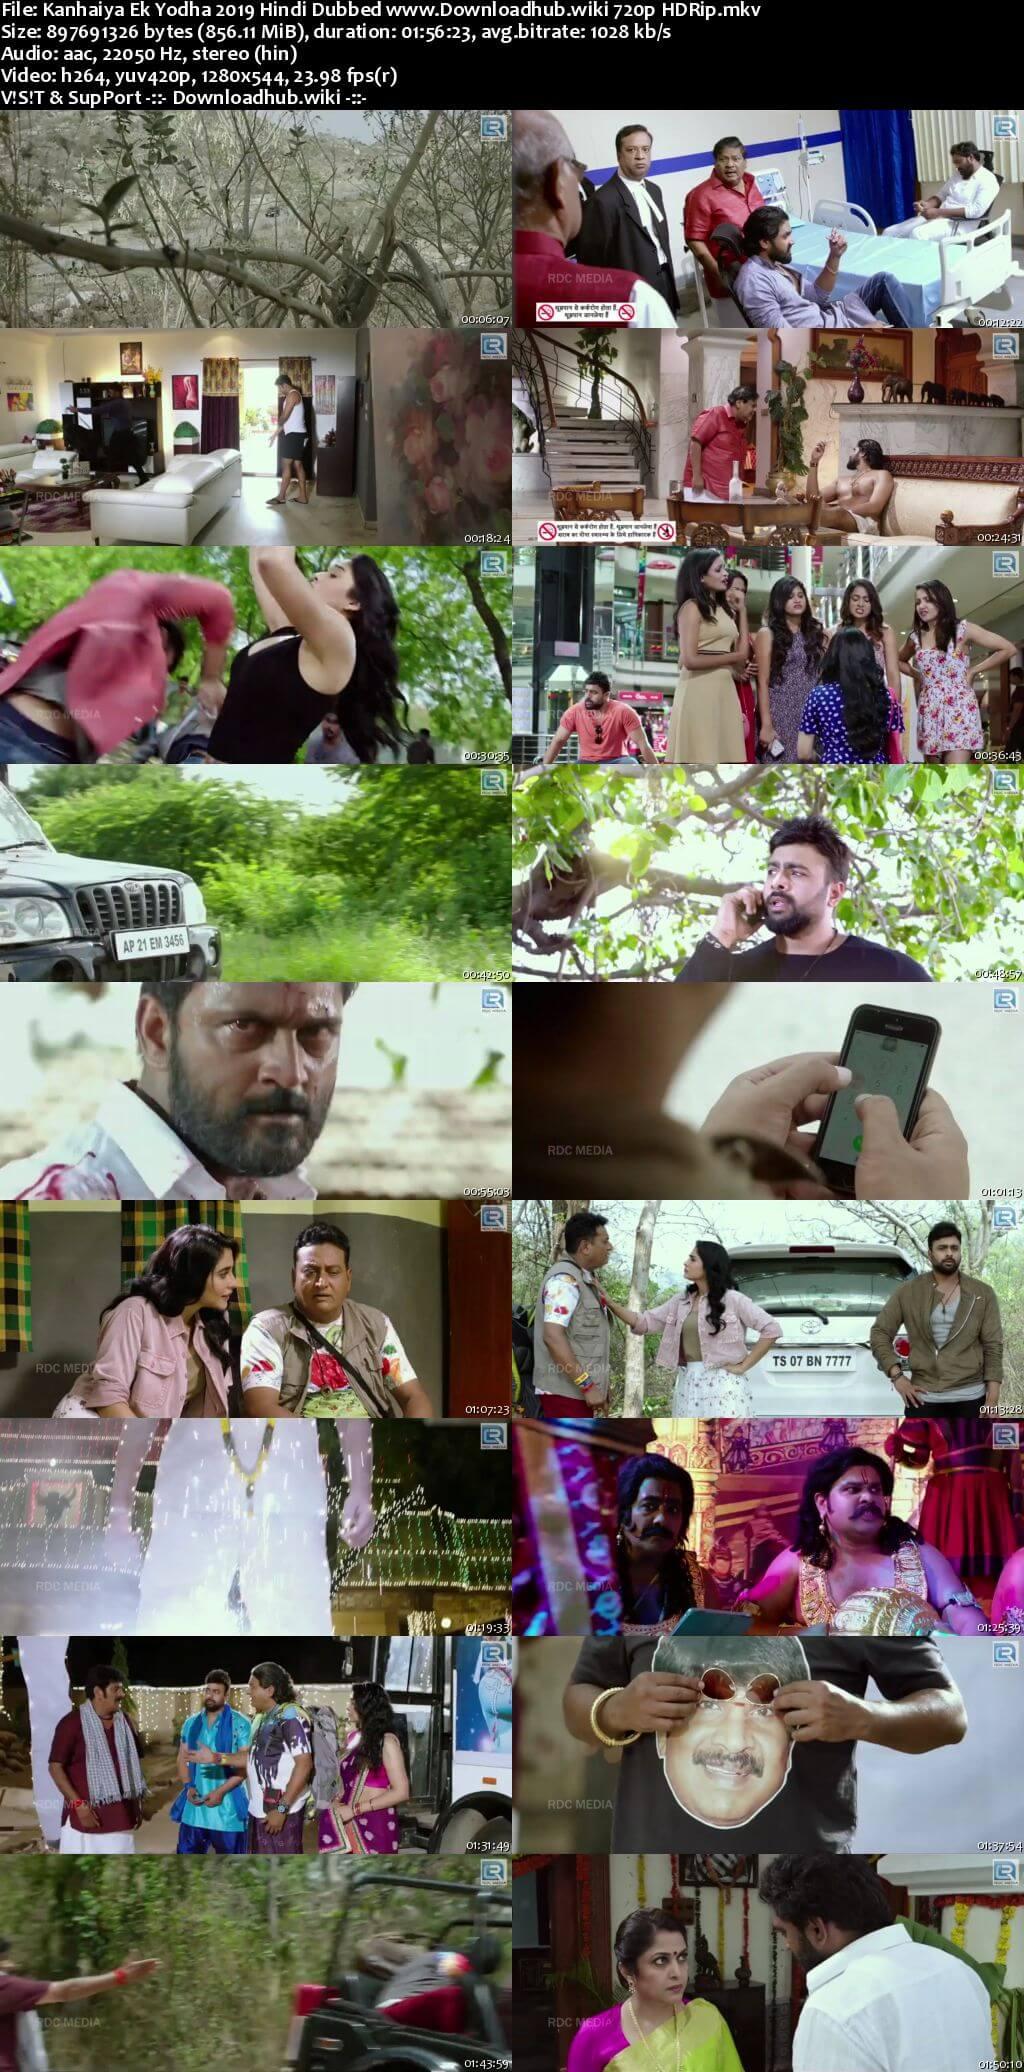 Kanhaiya Ek Yodha 2019 Hindi Dubbed 720p HDRip x264